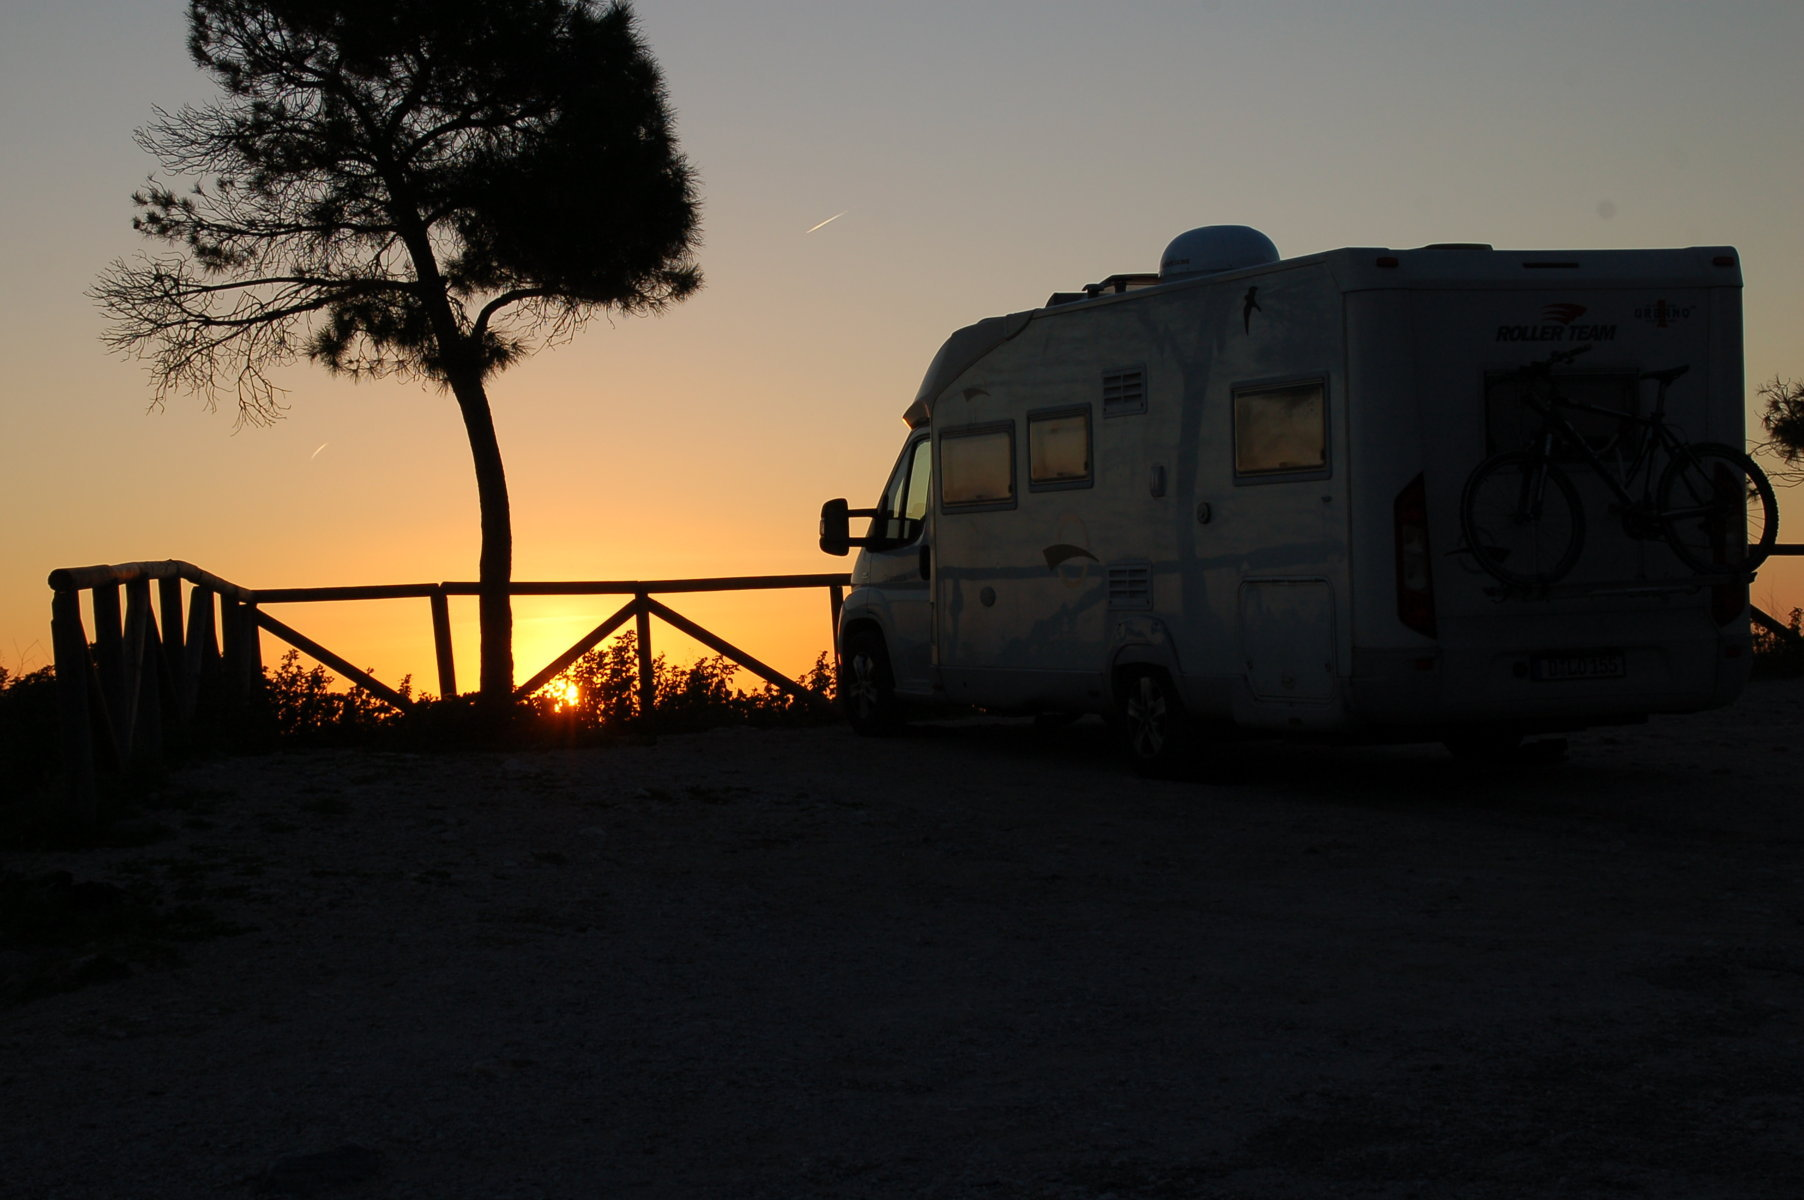 Das Womo ist auf einem Plateau etwa 50 Meter über dem Meer geparkt. Im Hintergrund sieht man die untergehende Sonne.